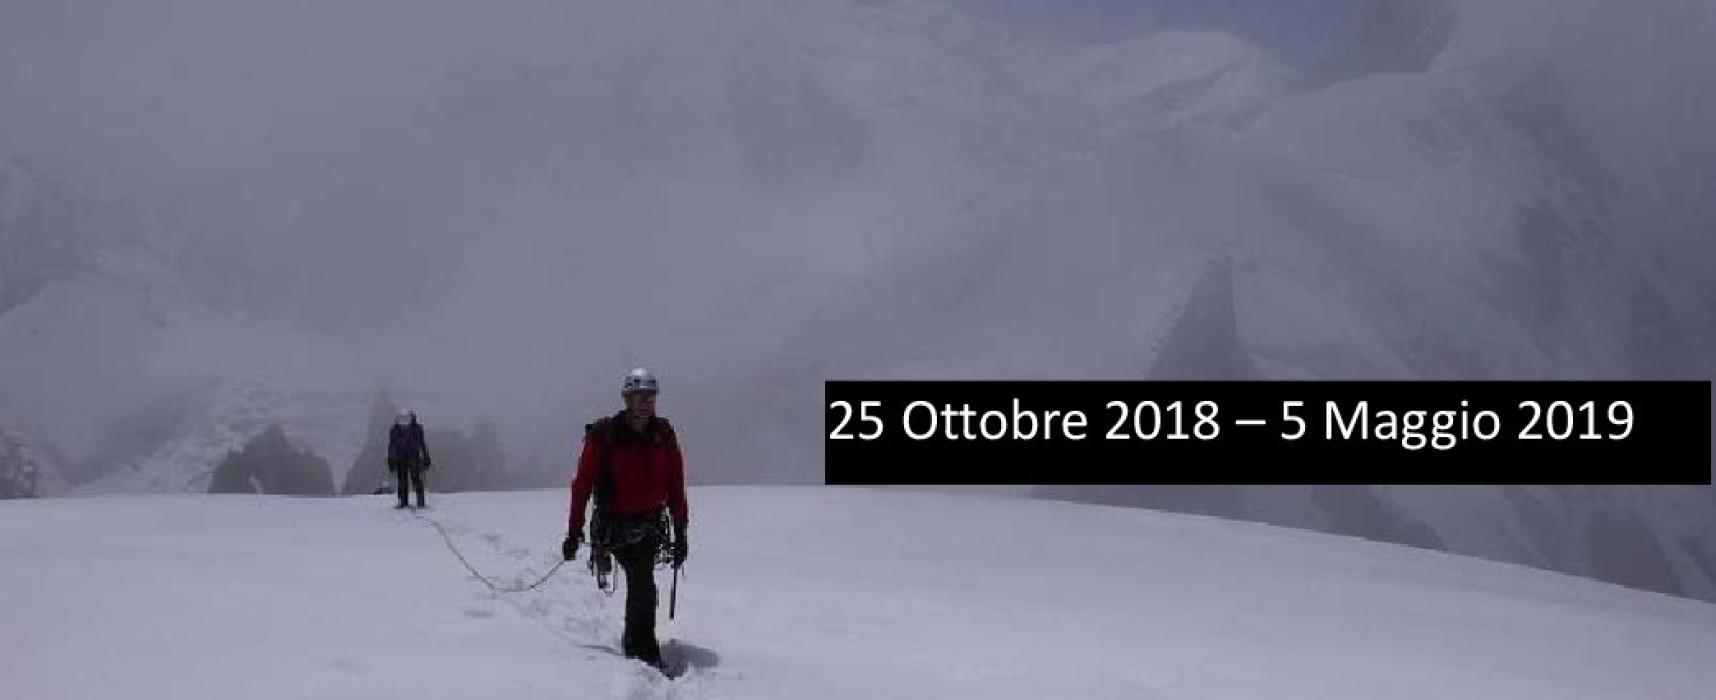 Corso di Alpinismo di base livello A1 in partenza ad Arezzo